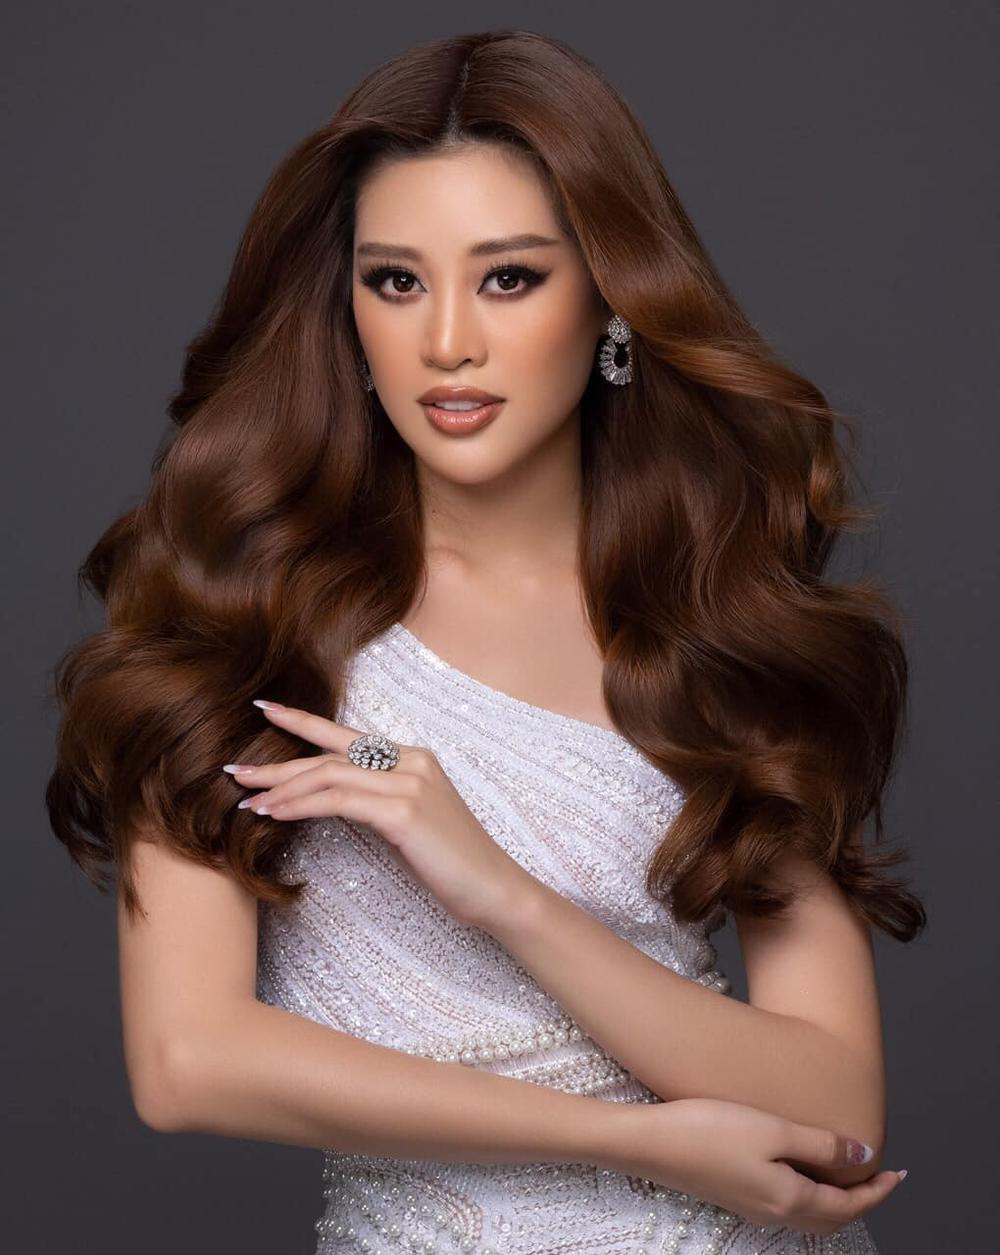 Hoa hậu Phương Khánh: 'Khánh Vân ấm áp và rất can đảm, cô ấy sẽ tiến rất xa tại Miss Universe' Ảnh 6